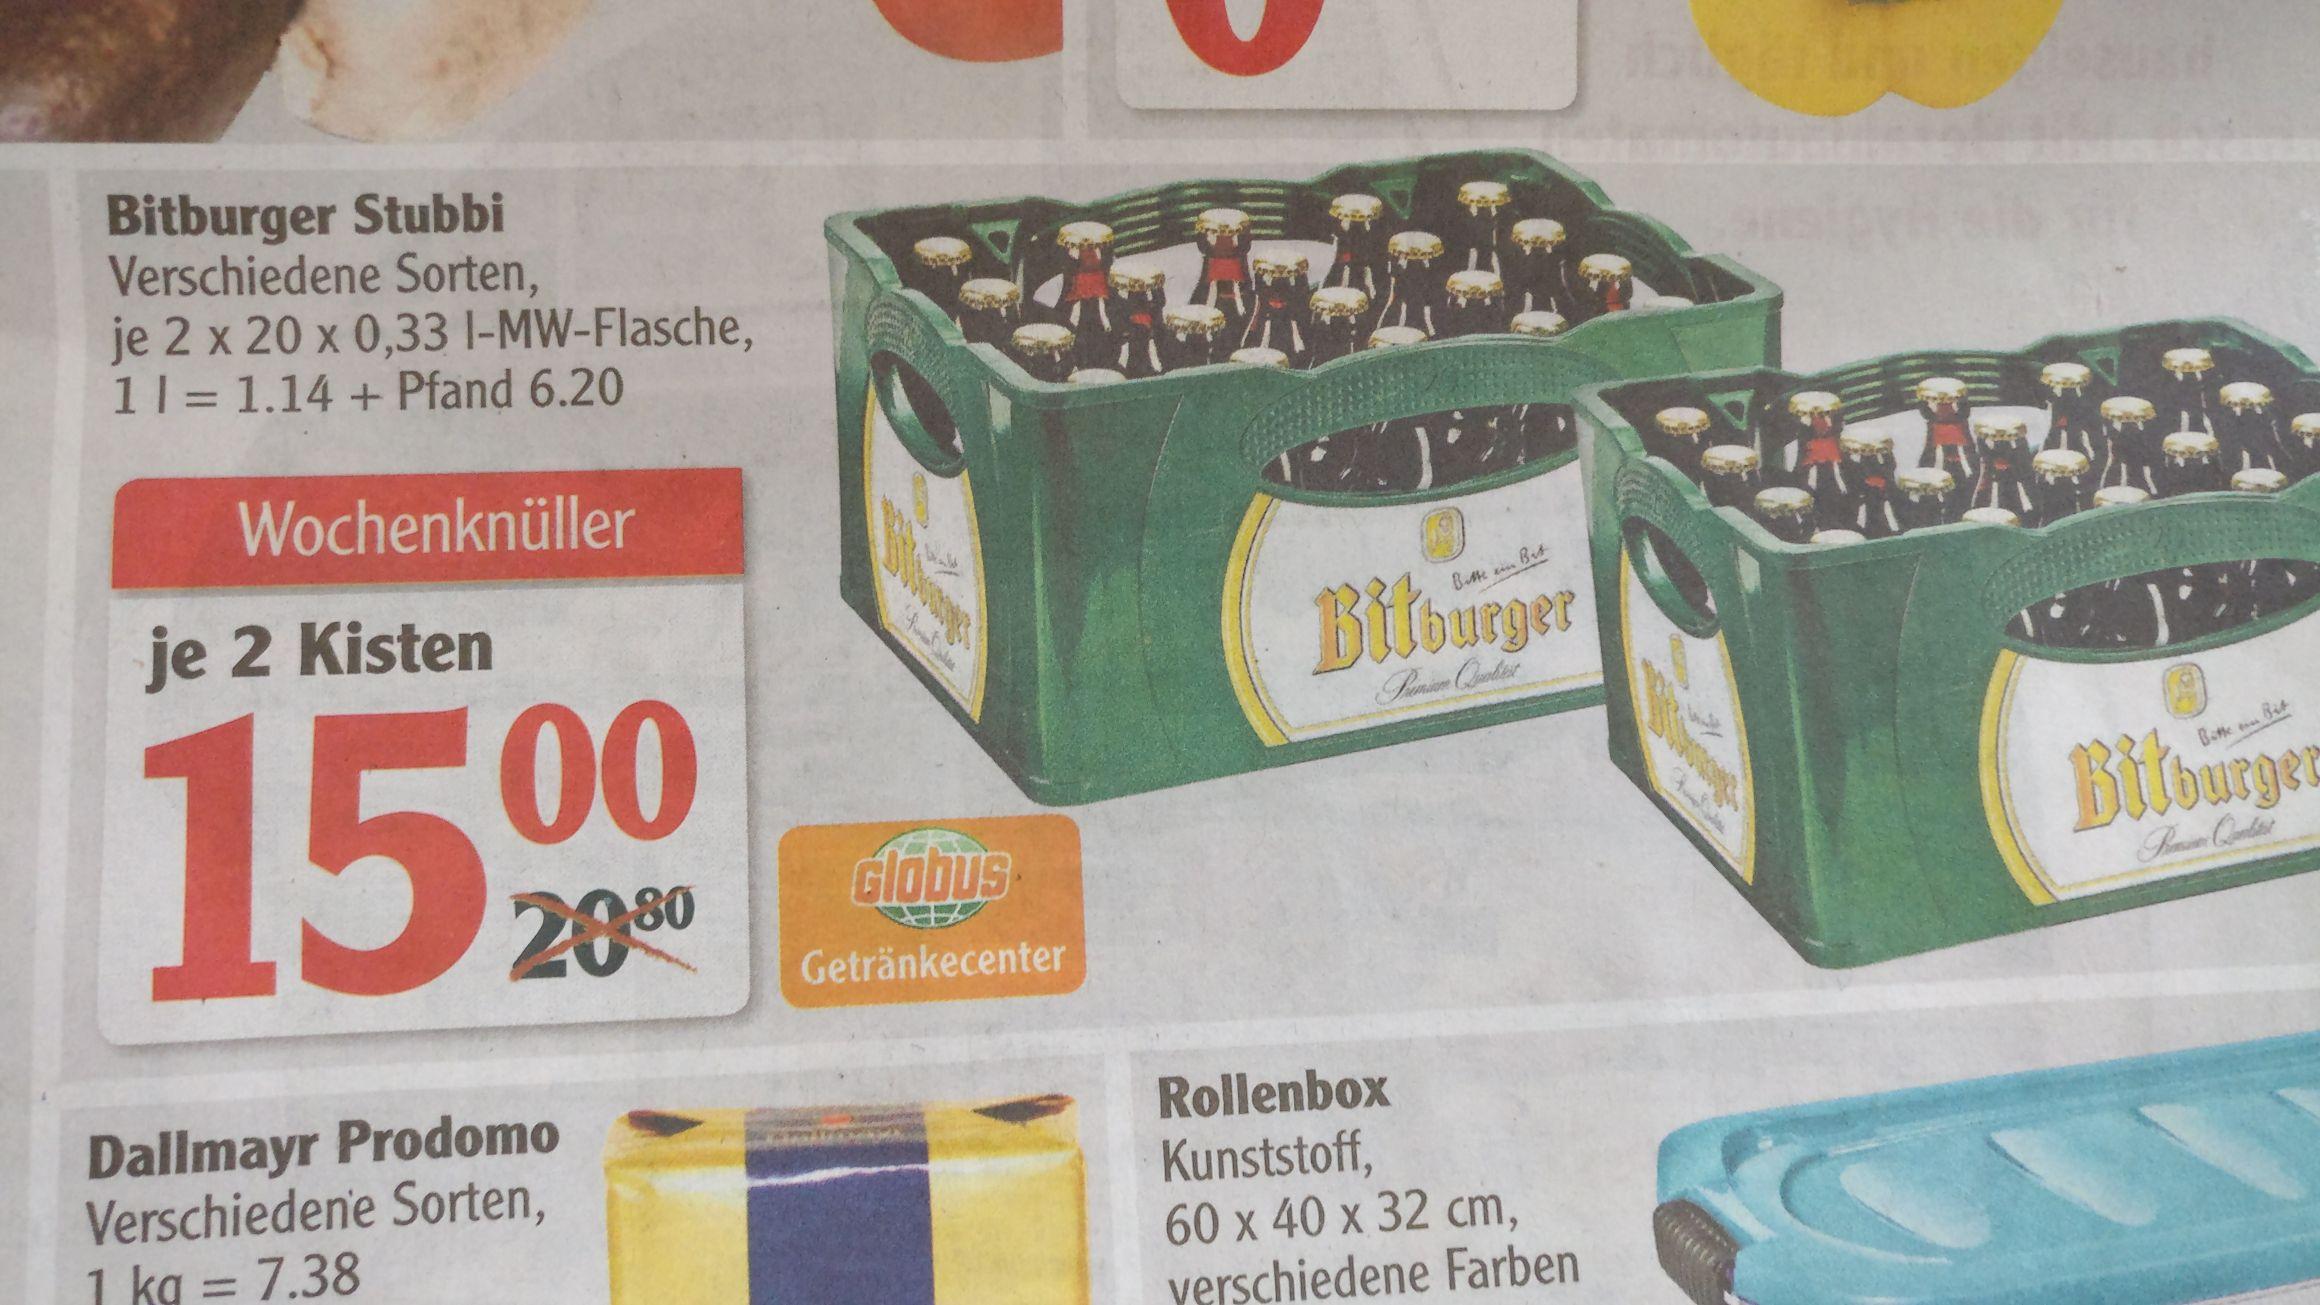 2 Kisten Bitburger Stubbi [Lokal Globus Gensingen]